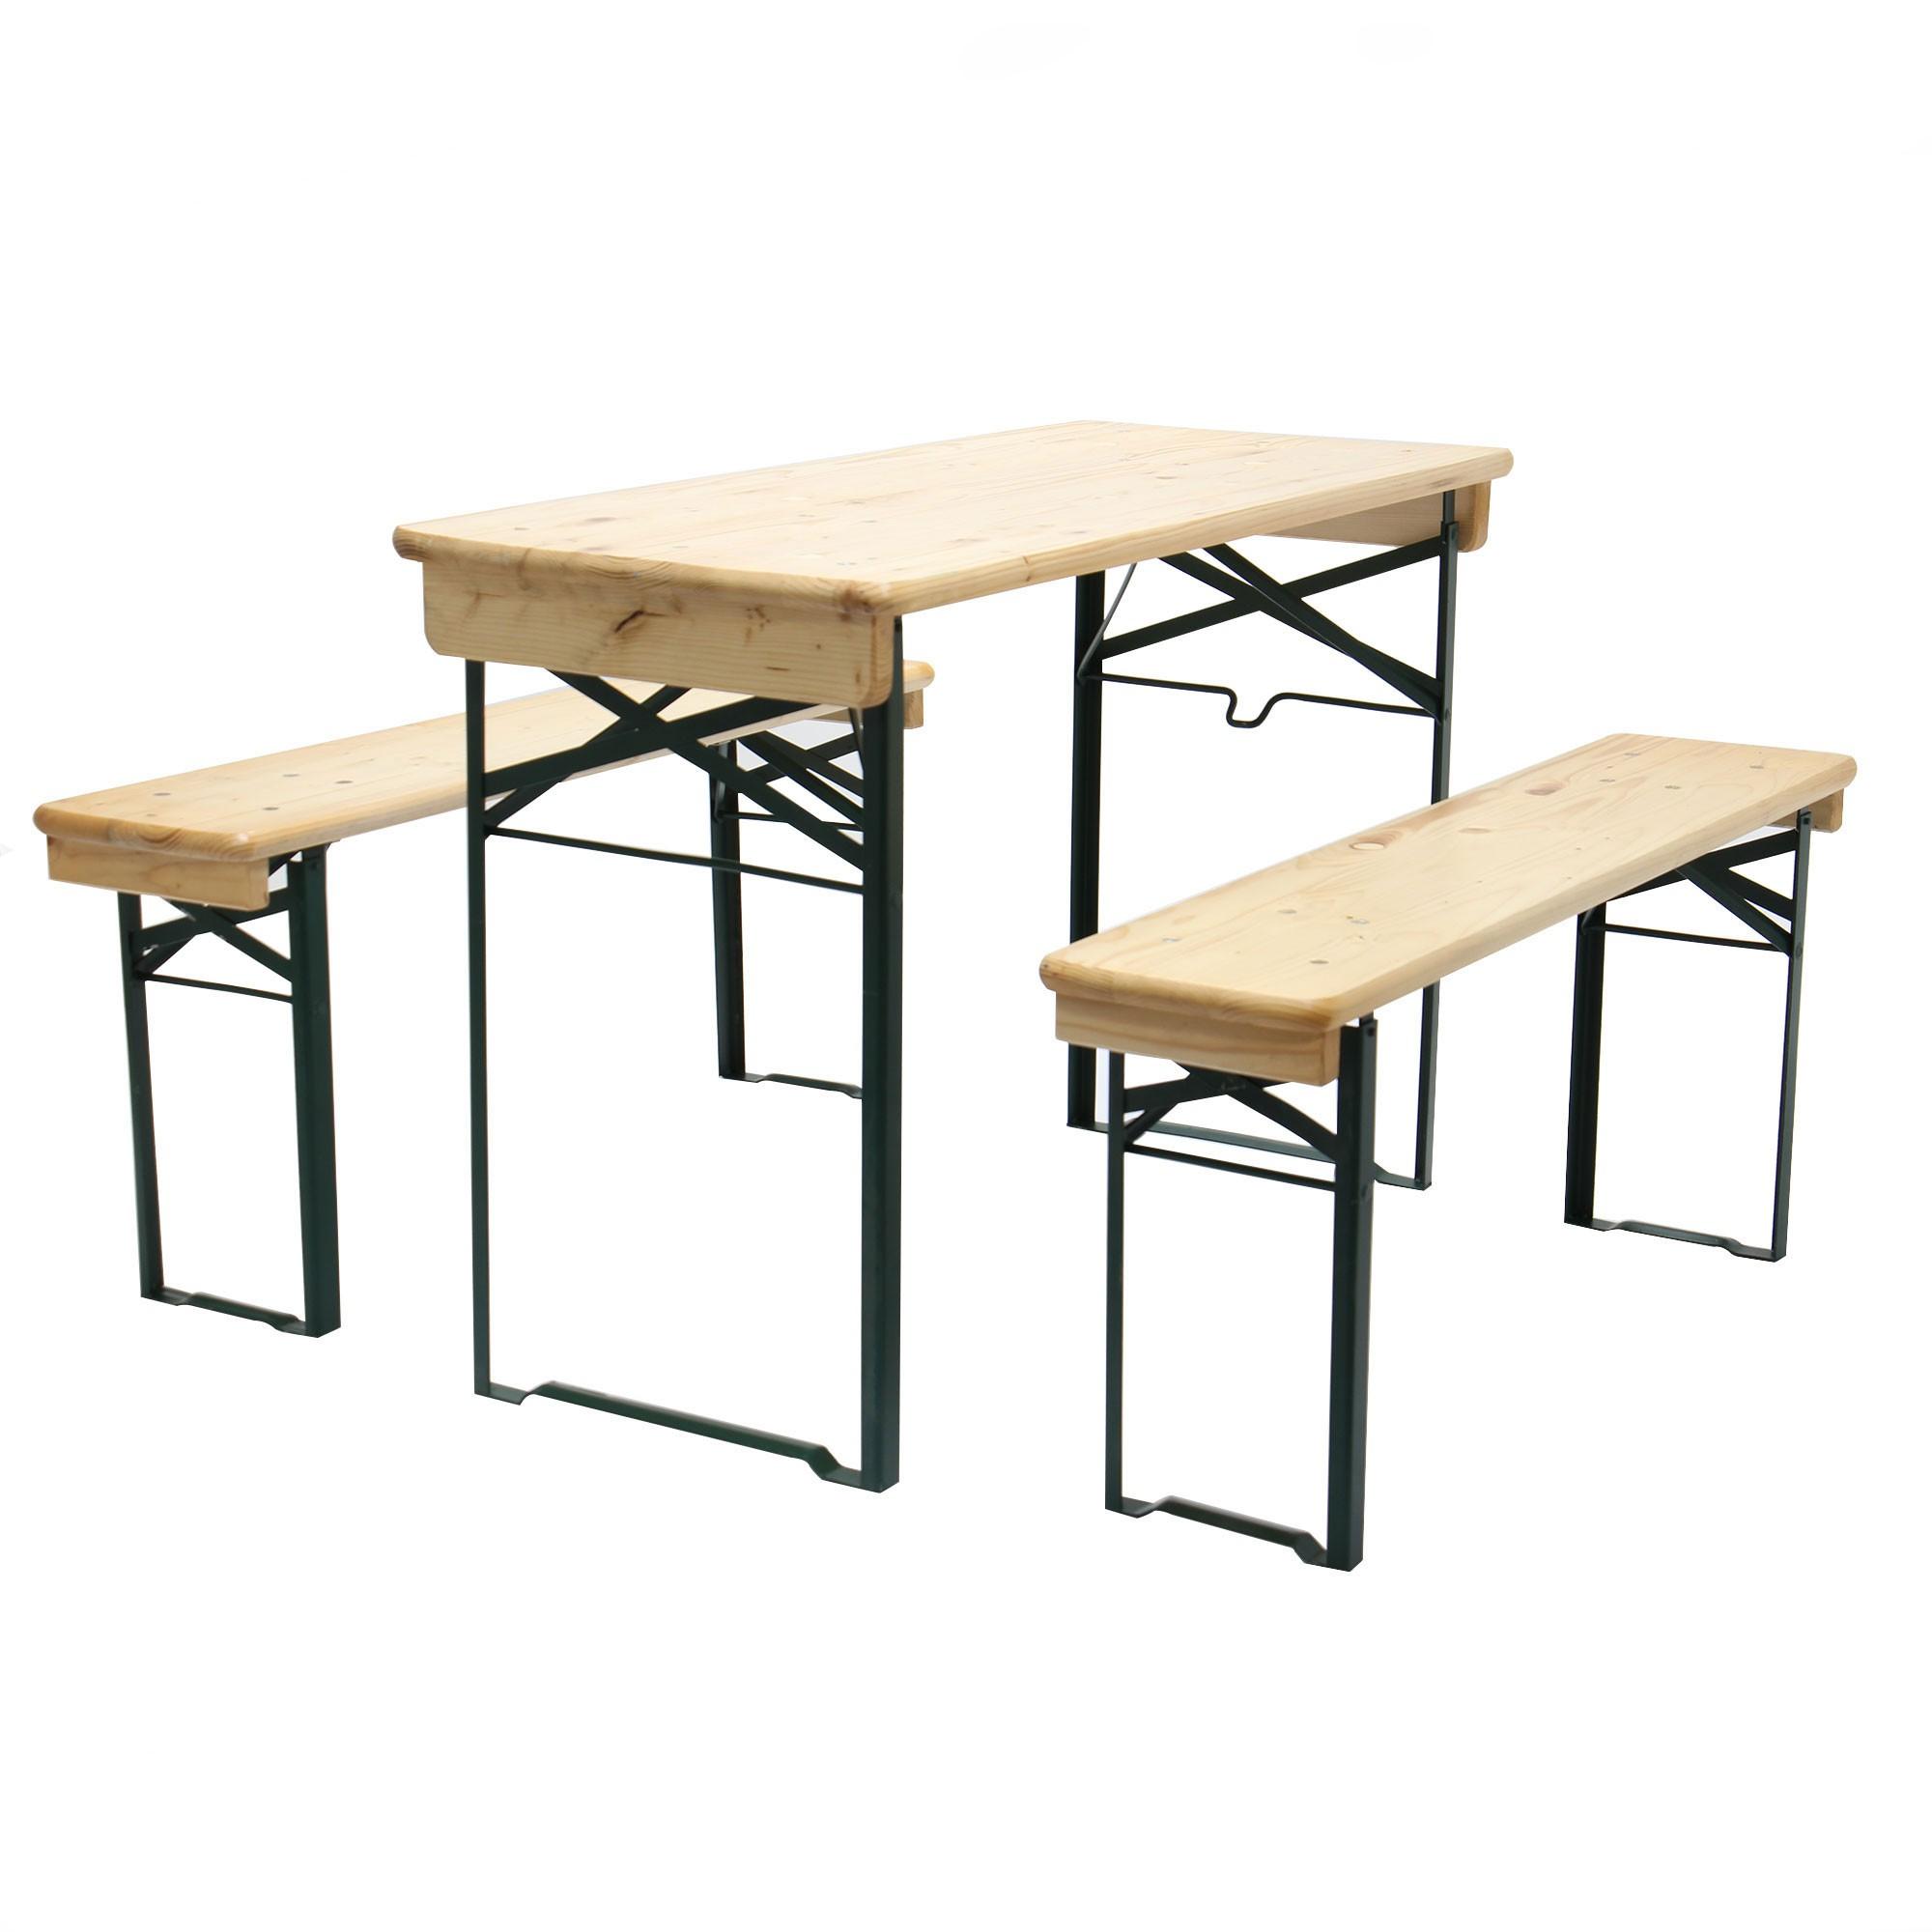 Dedeman set berarie masa cu 2 banci din metal cu lemn for Masa cu scaune dedeman